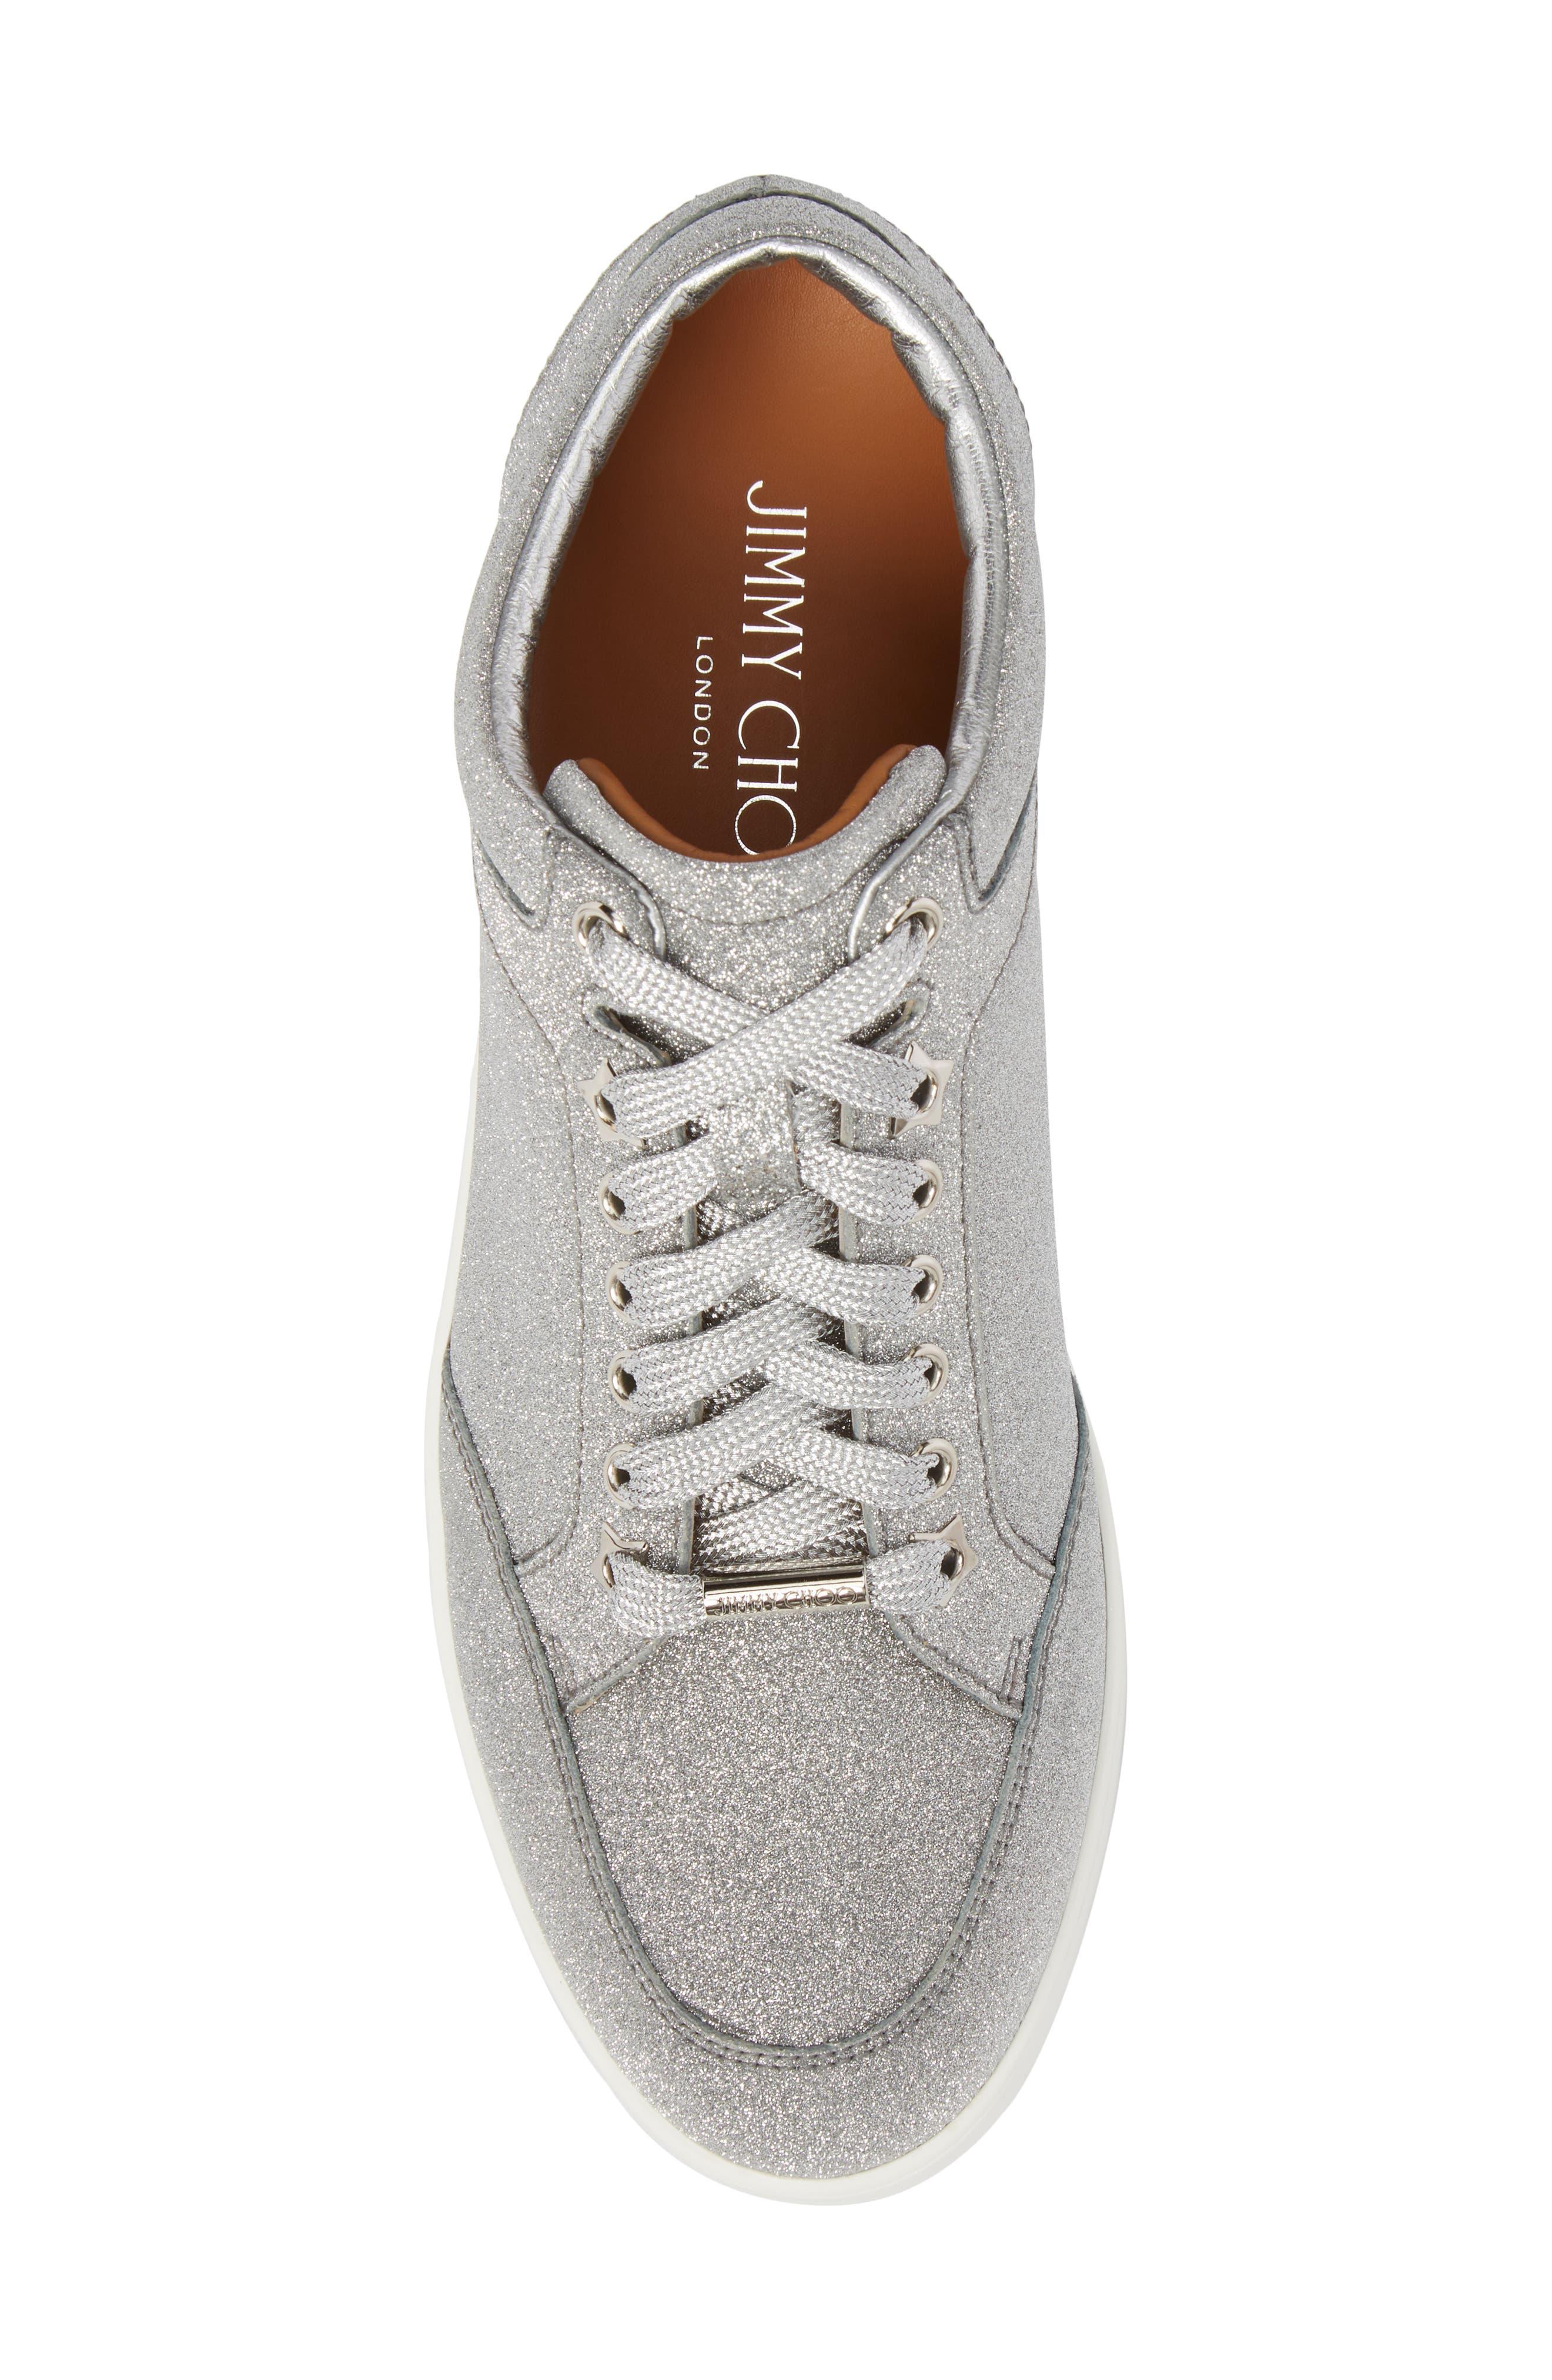 Miami Metallic Sneaker,                             Alternate thumbnail 5, color,                             Silver